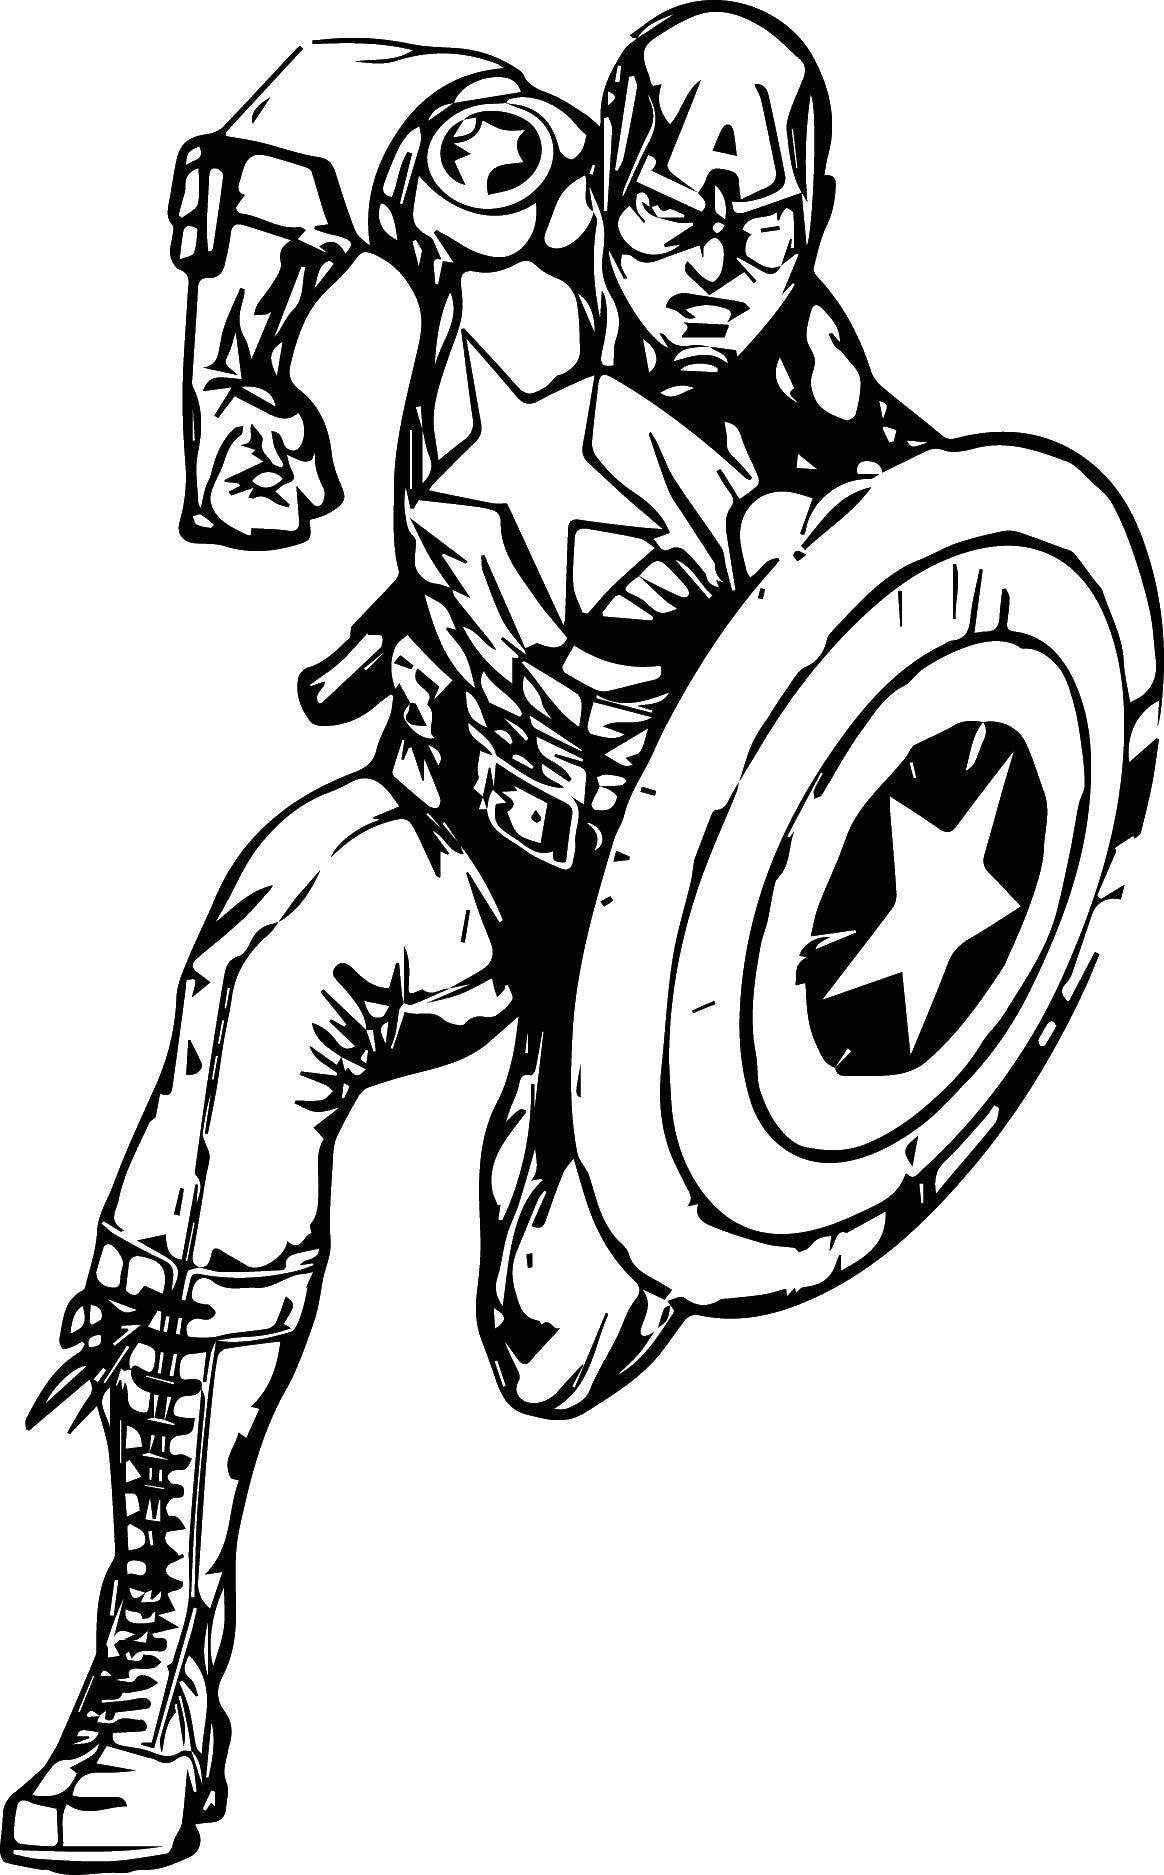 всех капитан америка картинка раскраска оправдываться